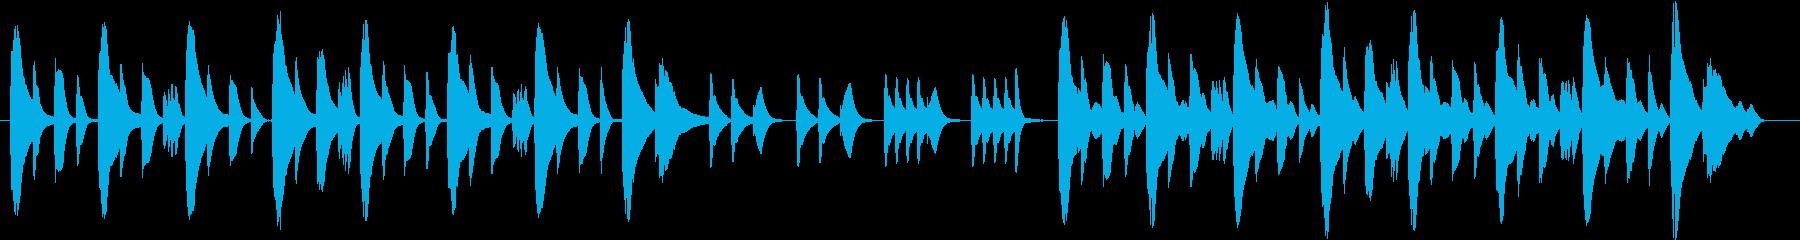 木琴で作ったほのぼのとした雰囲気の曲の再生済みの波形